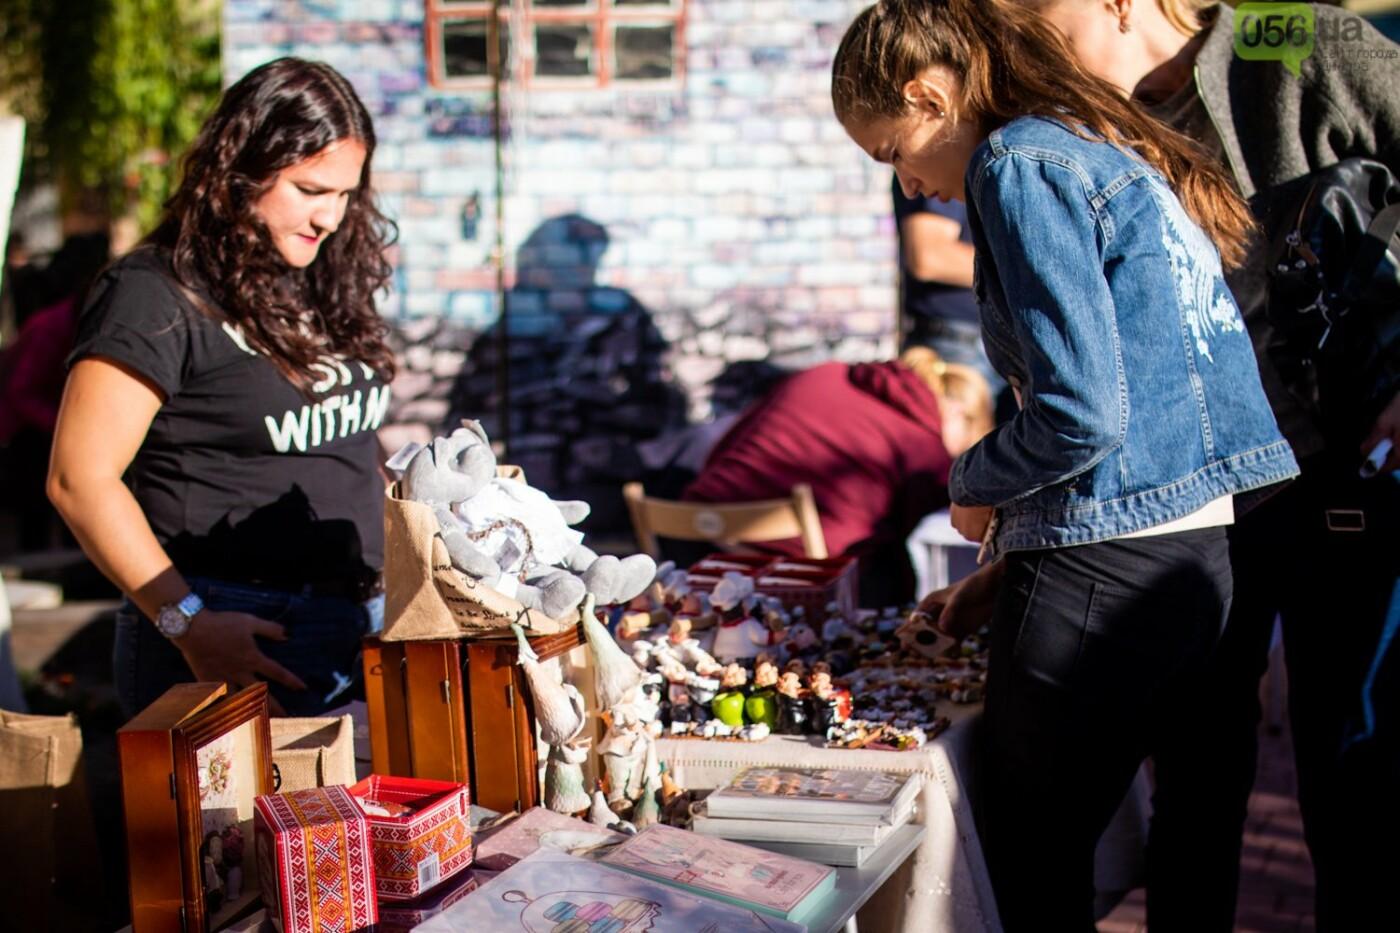 Кофейные ароматы, шоколад и солнце: как в Днепре прошел фестиваль «Осень с привкусом кофе», - ФОТОРЕПОРТАЖ, фото-9